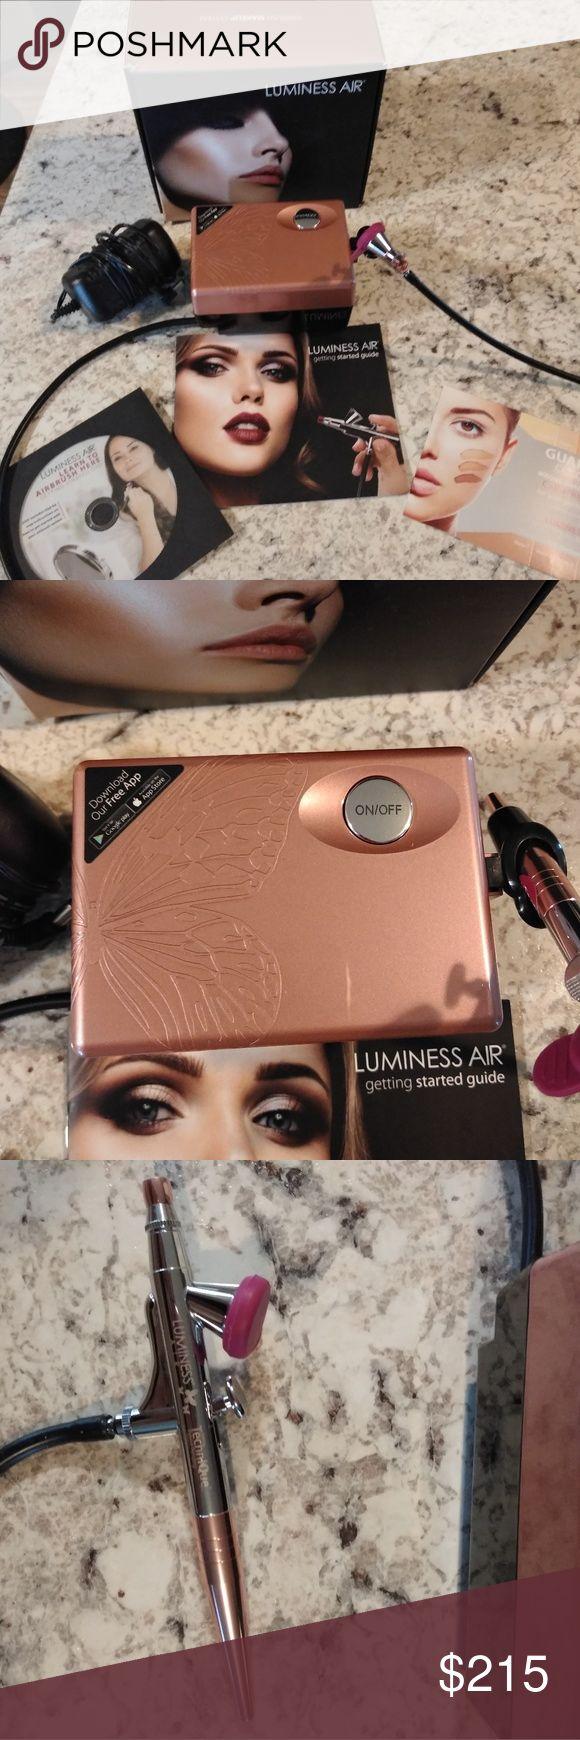 Luminess airbrush makeup system Luminess Air airbrush